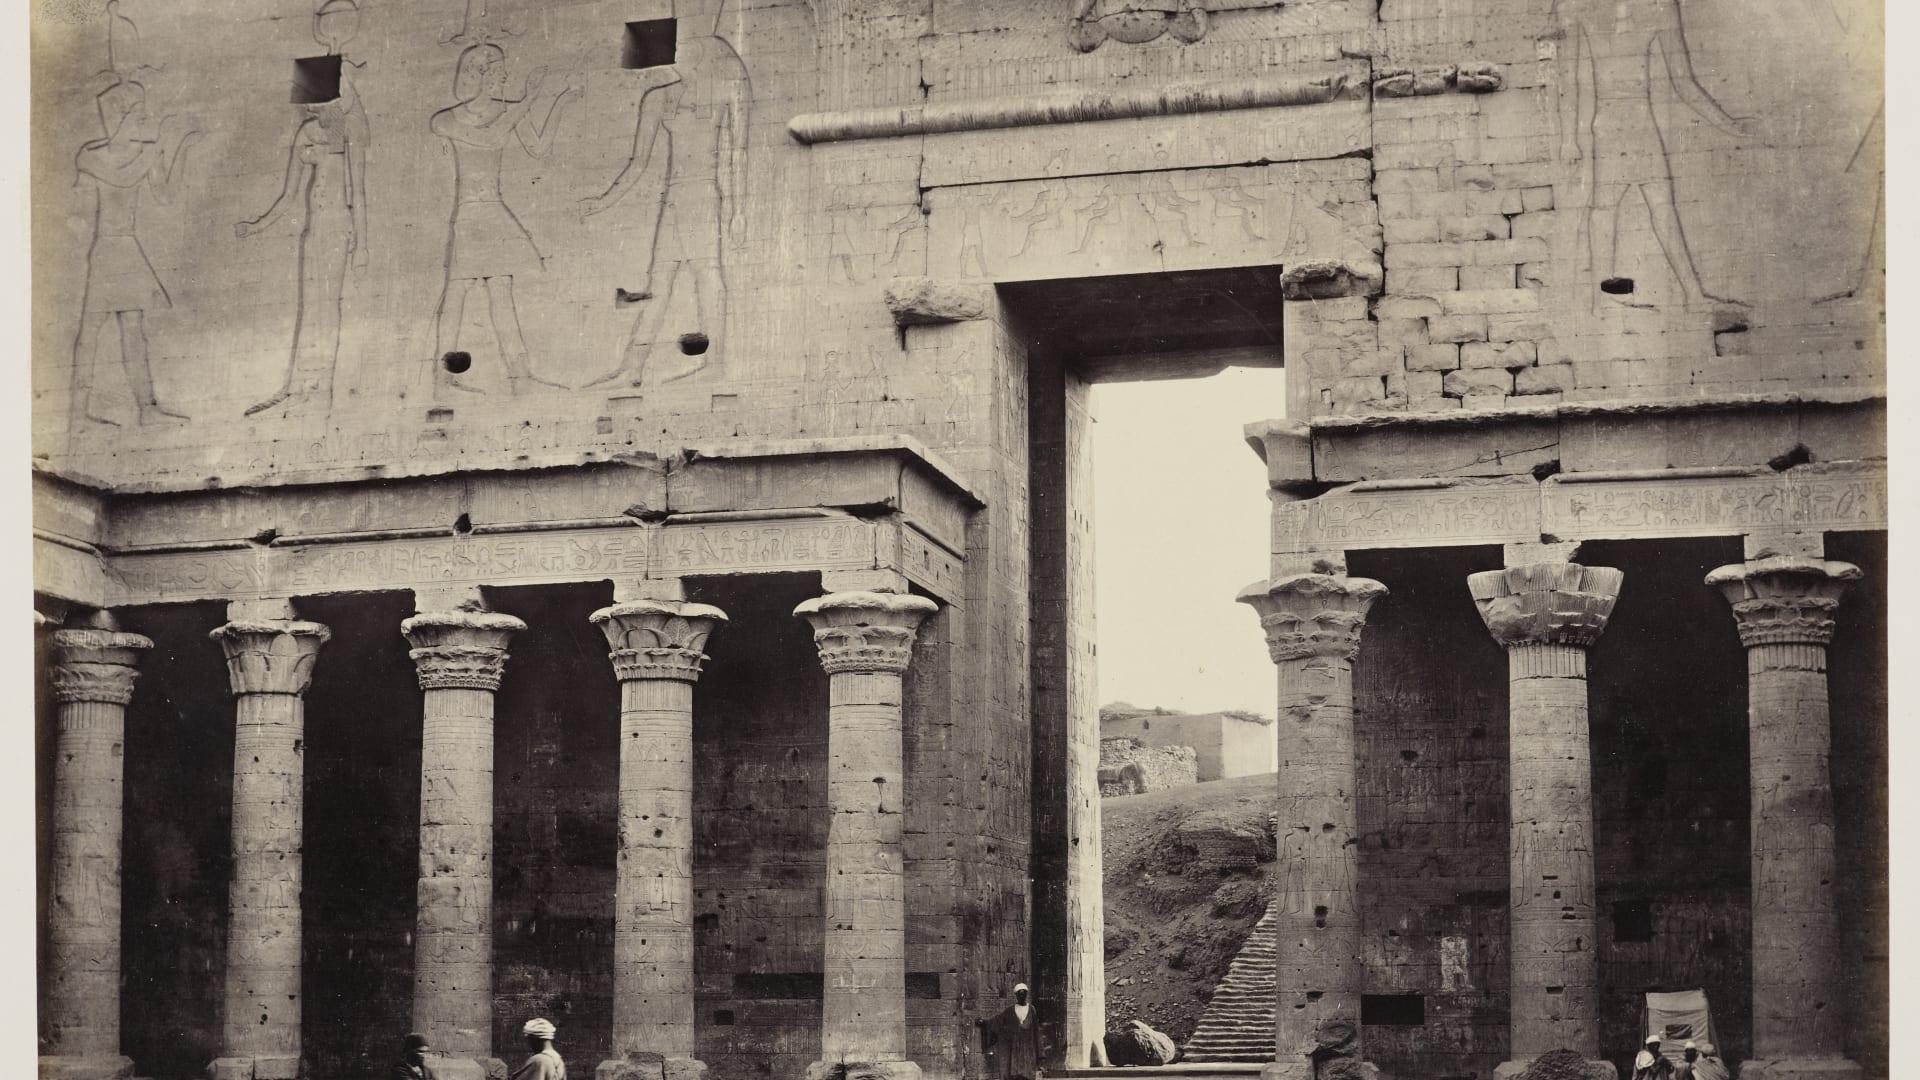 المثوى الأخير لكنوز توت عنخ آمون.. القوا نظرة داخل المتحف المصري الكبير